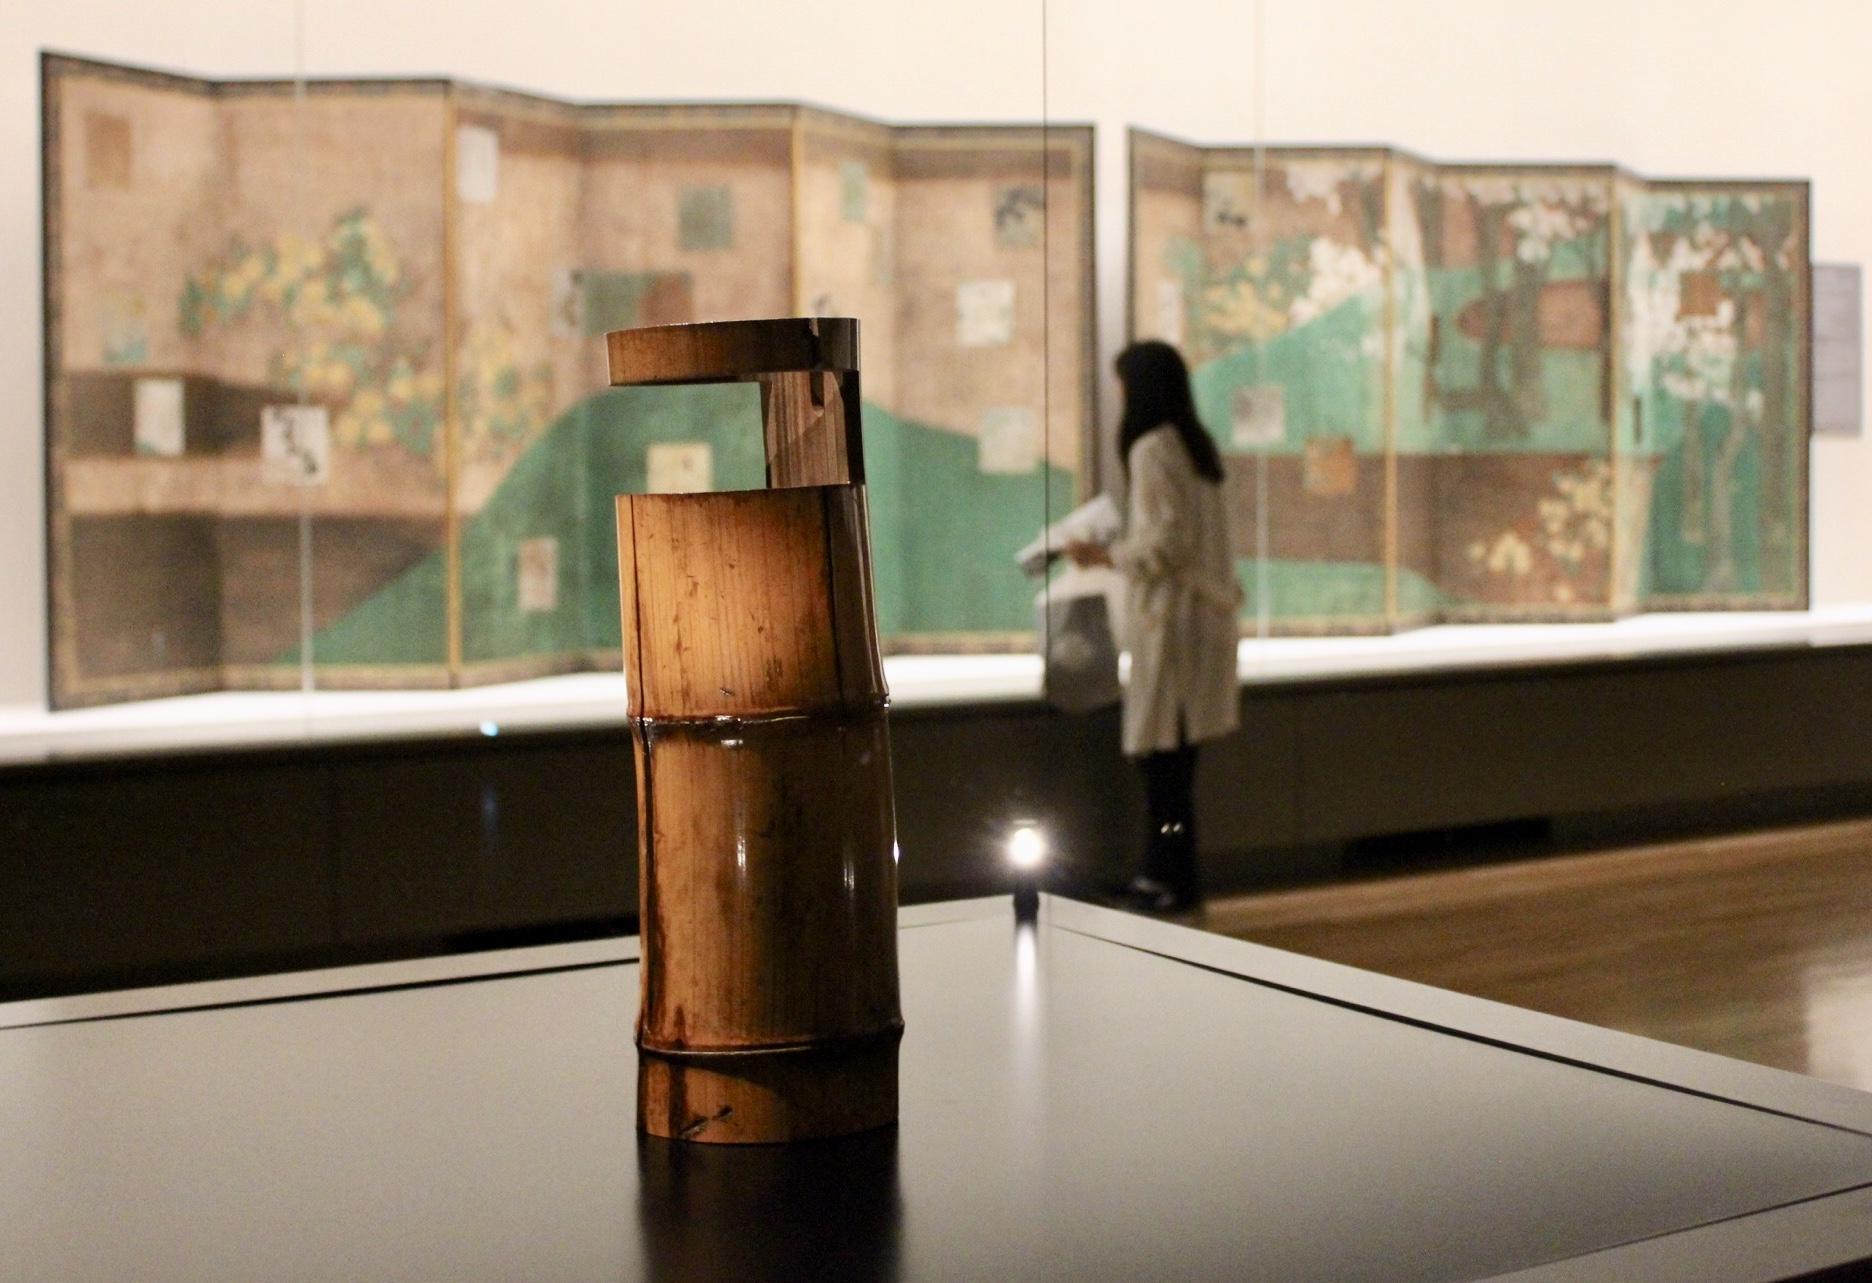 会期終了間近!アートって何?が、きっと分かるーマルセル・デュシャンと日本美術【おすすめアート】